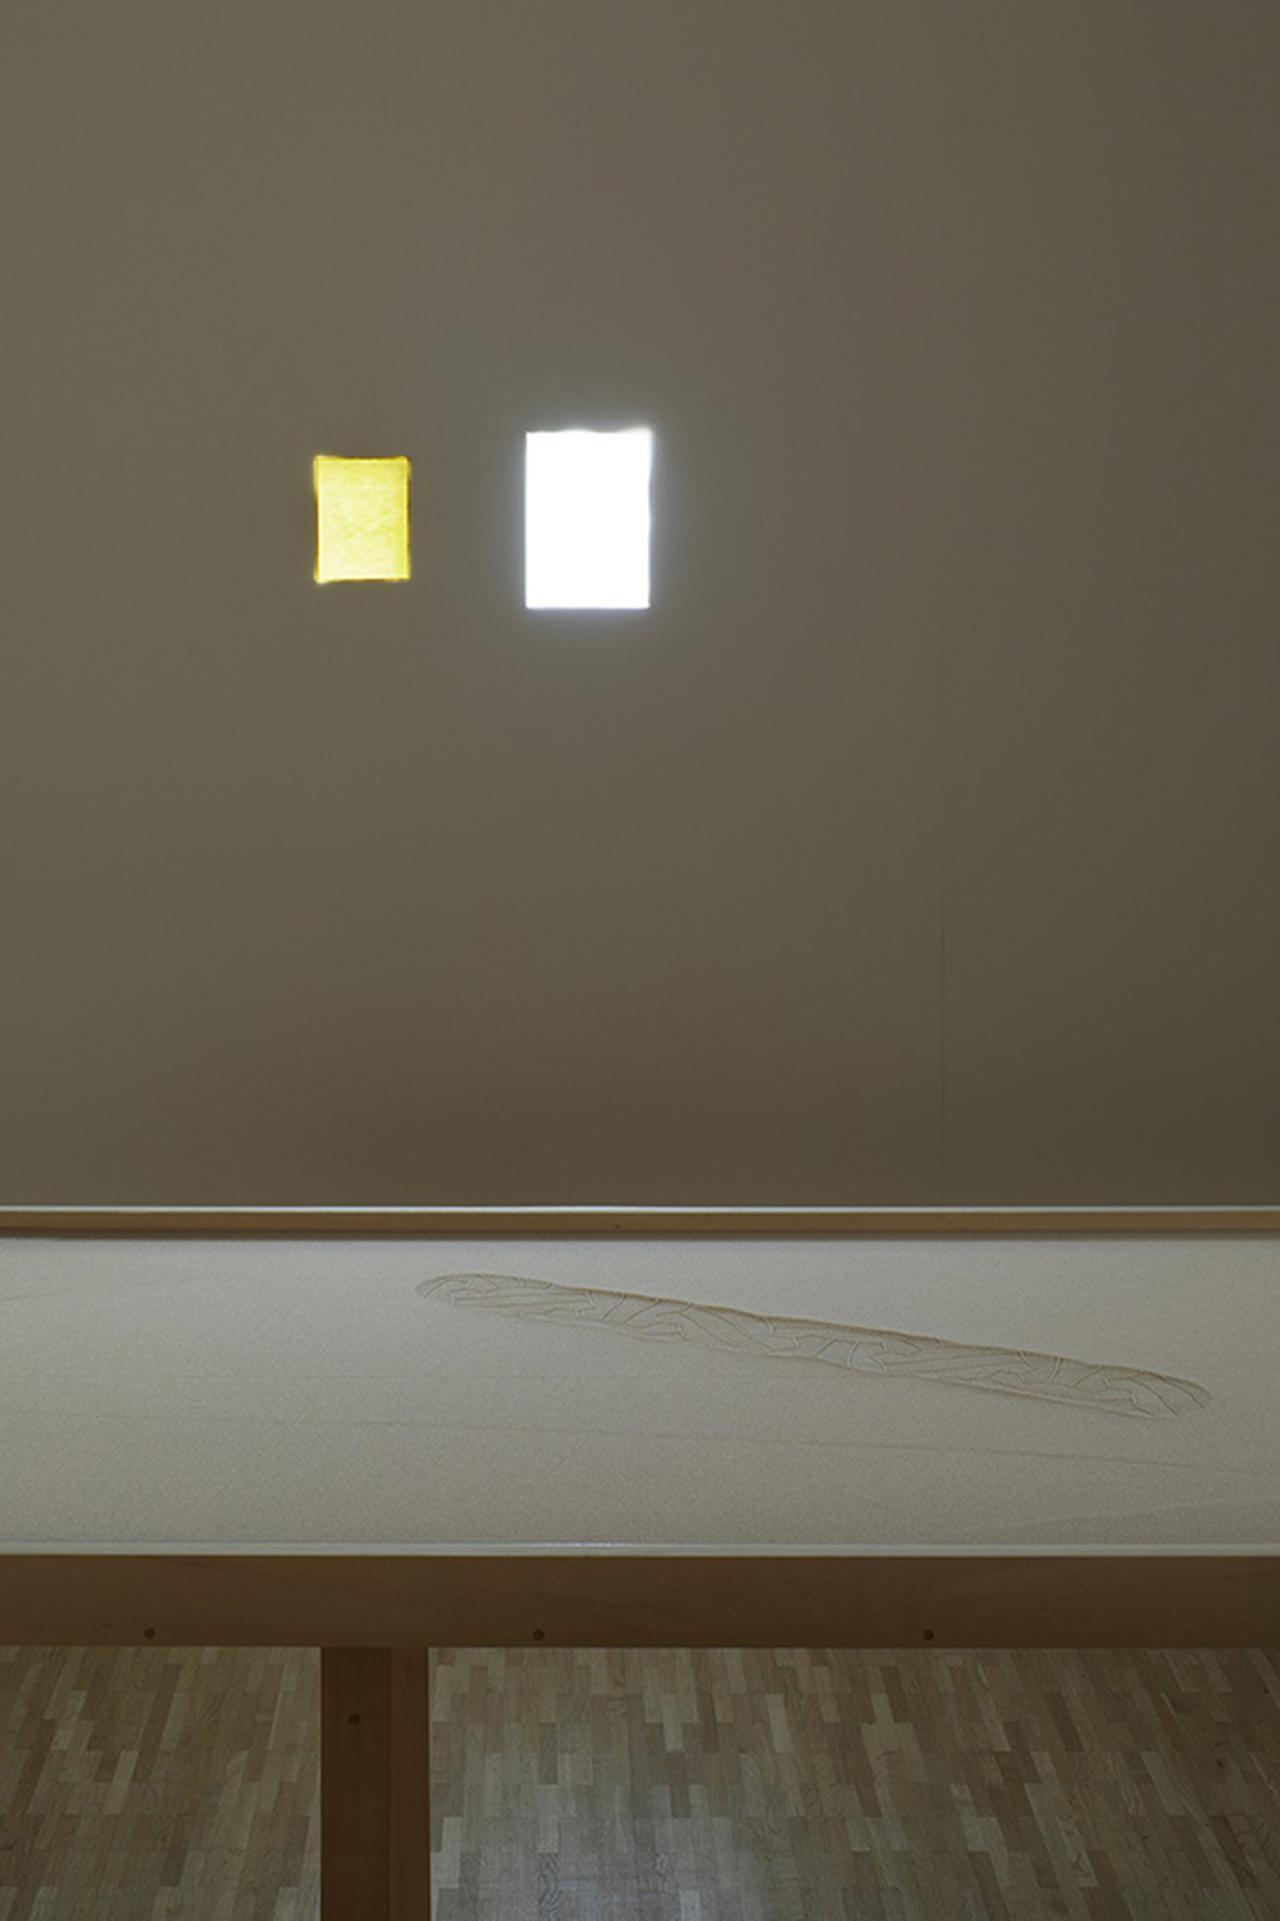 Images : イズマイル・バリー「みえないかかわり」展|銀座メゾンエルメス フォーラム